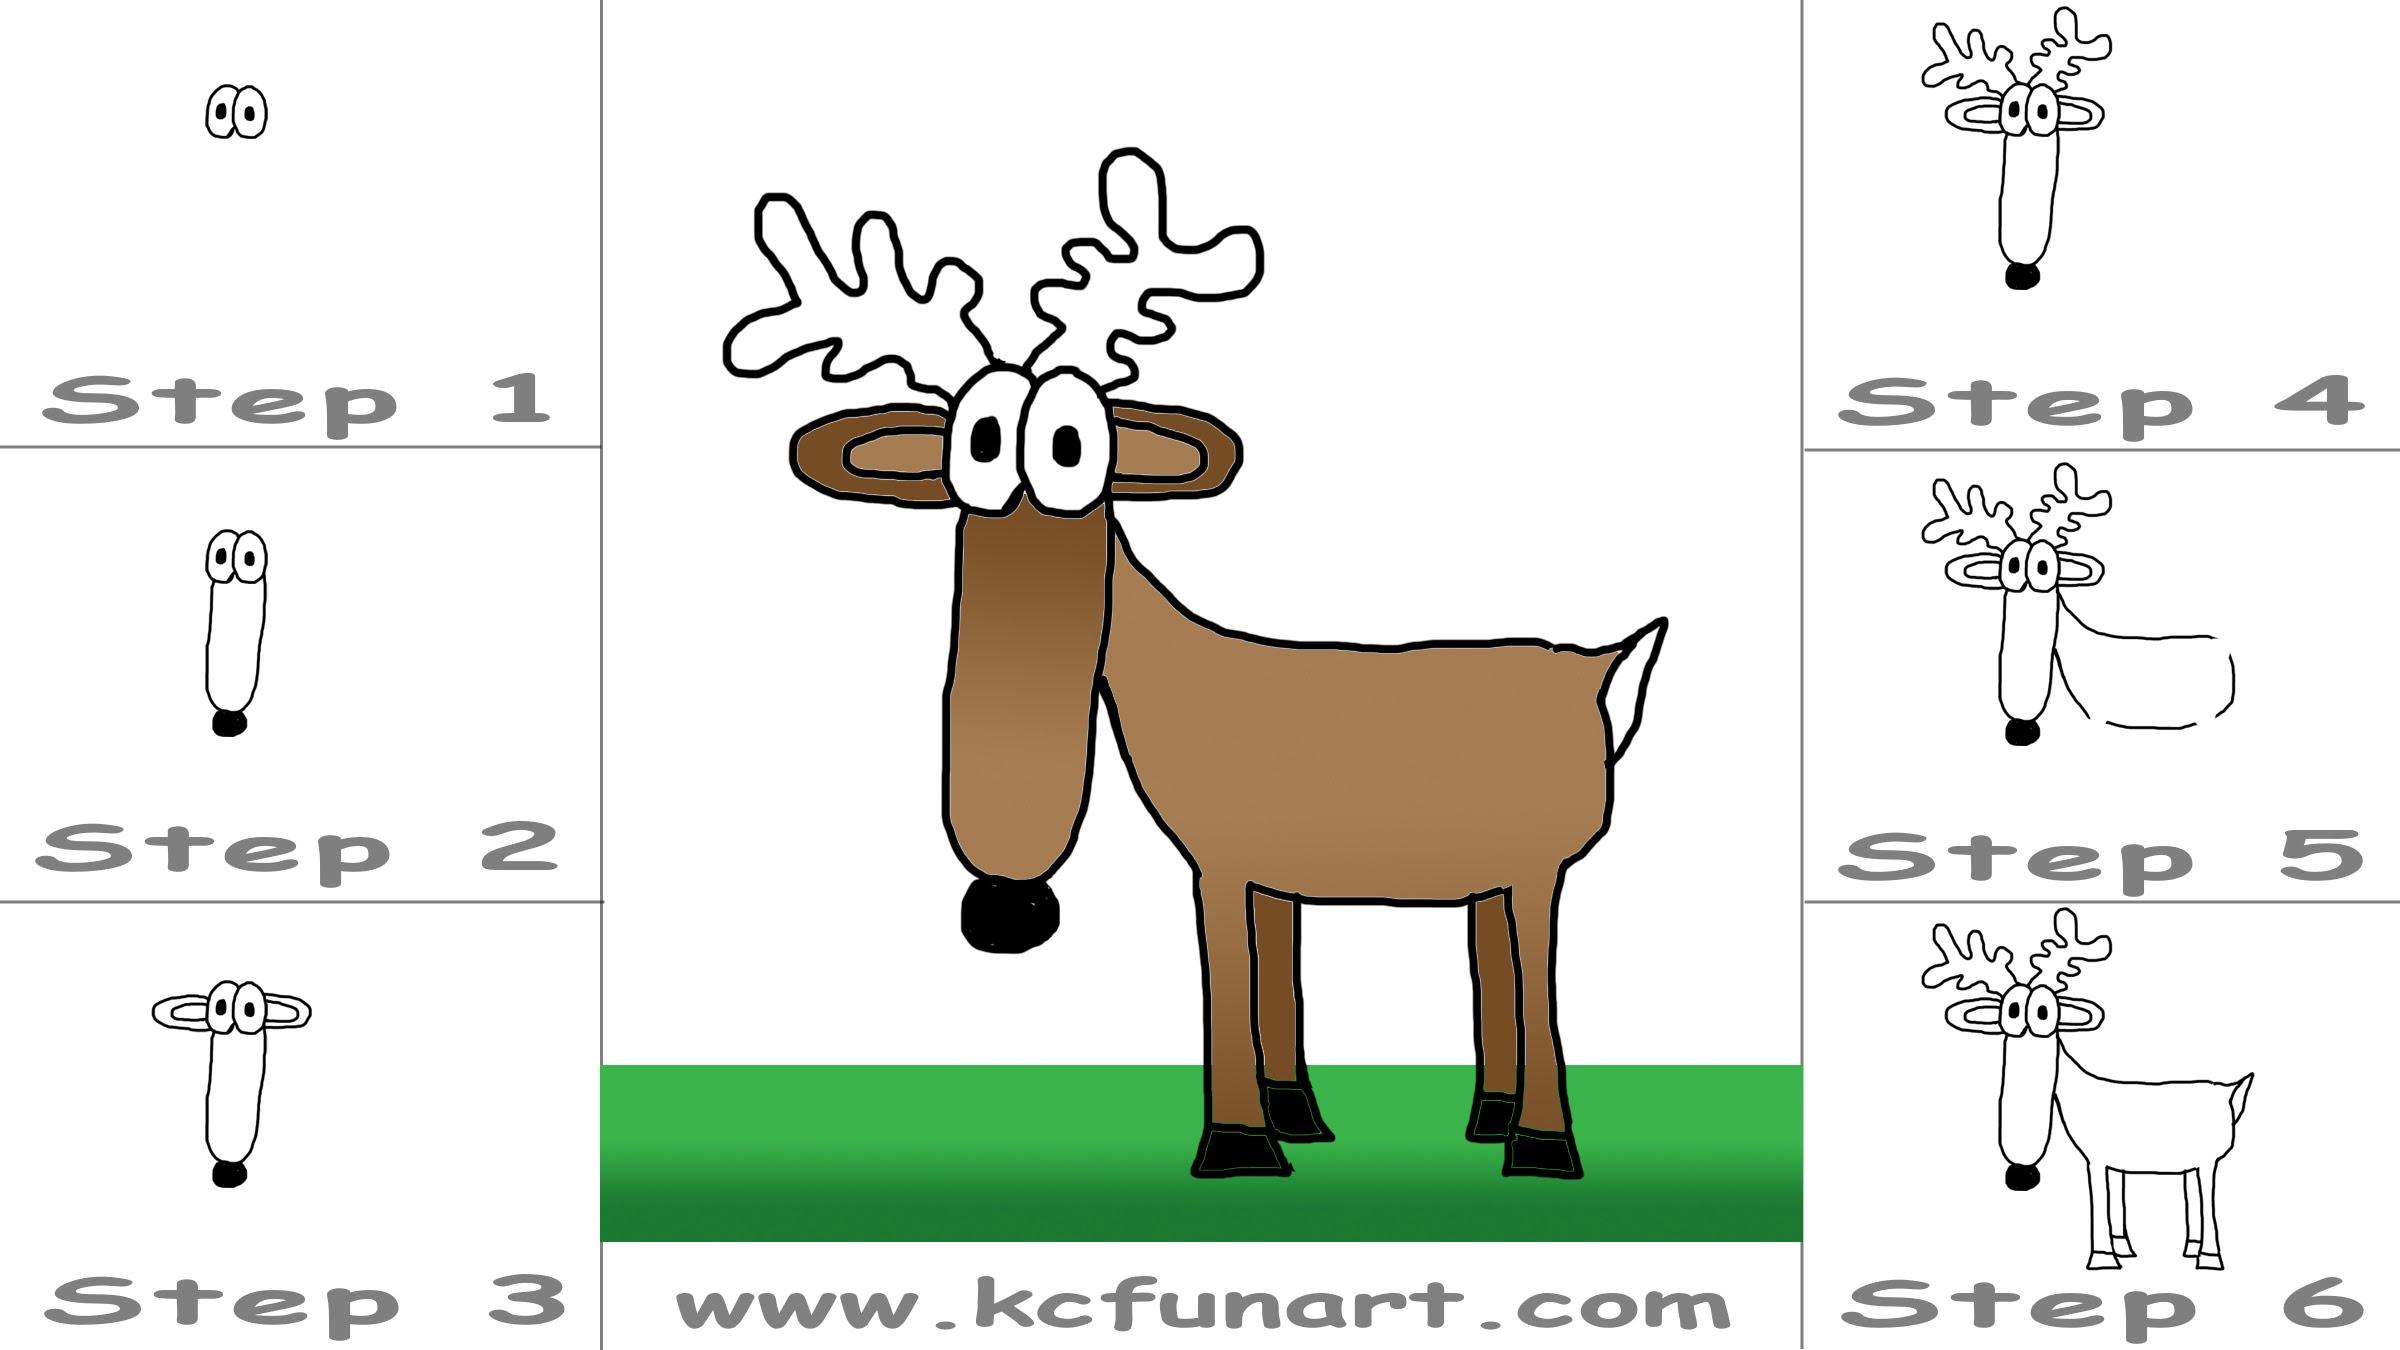 deer drawing cartoon at getdrawings com free for personal use deer rh getdrawings com how to draw a cartoon deer step by step how to draw a cartoon deer face